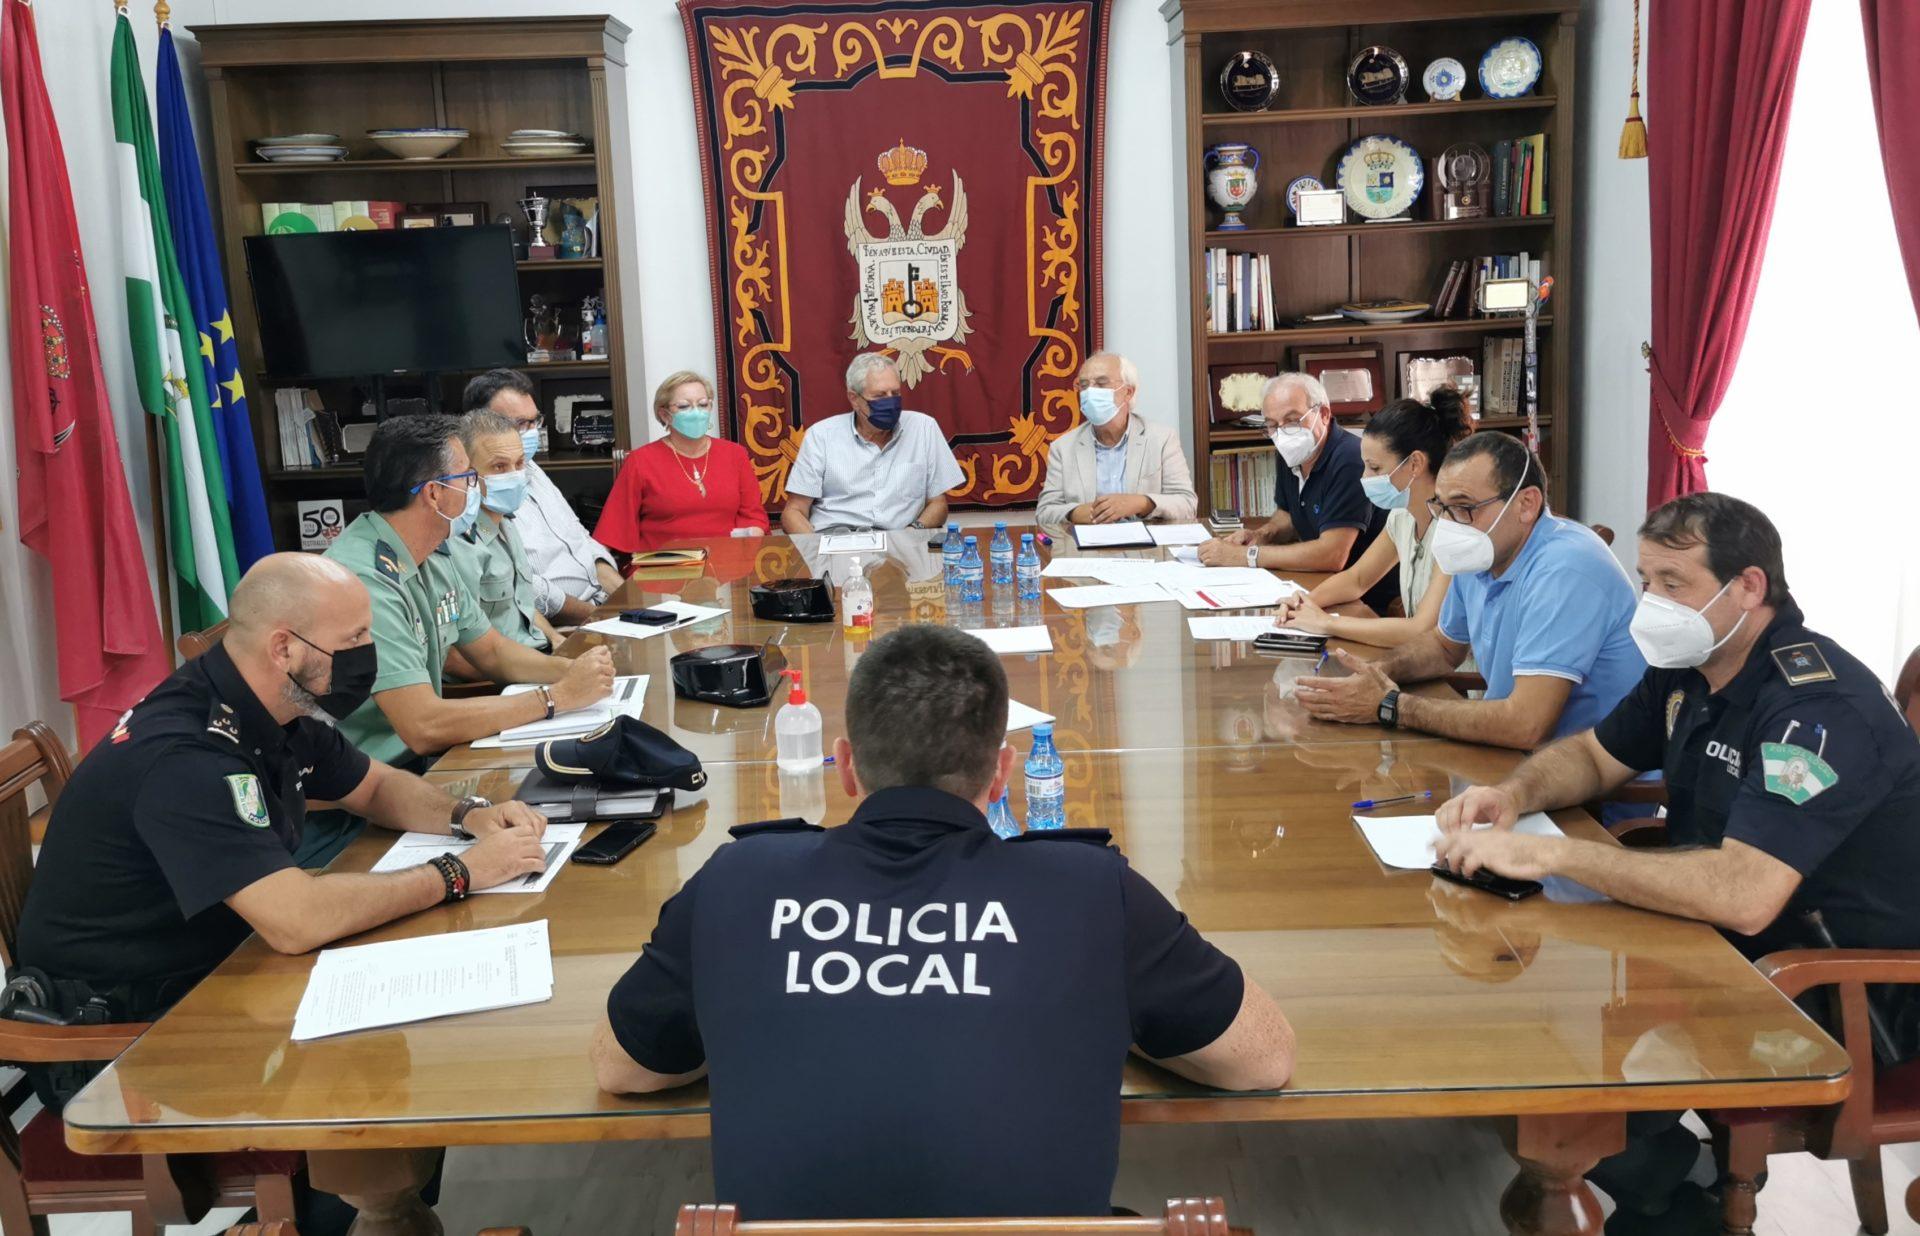 La Junta Local de Seguridad en Vera se reúne para coordinar el dispositivo de las fiestas patronales de San Cleofás